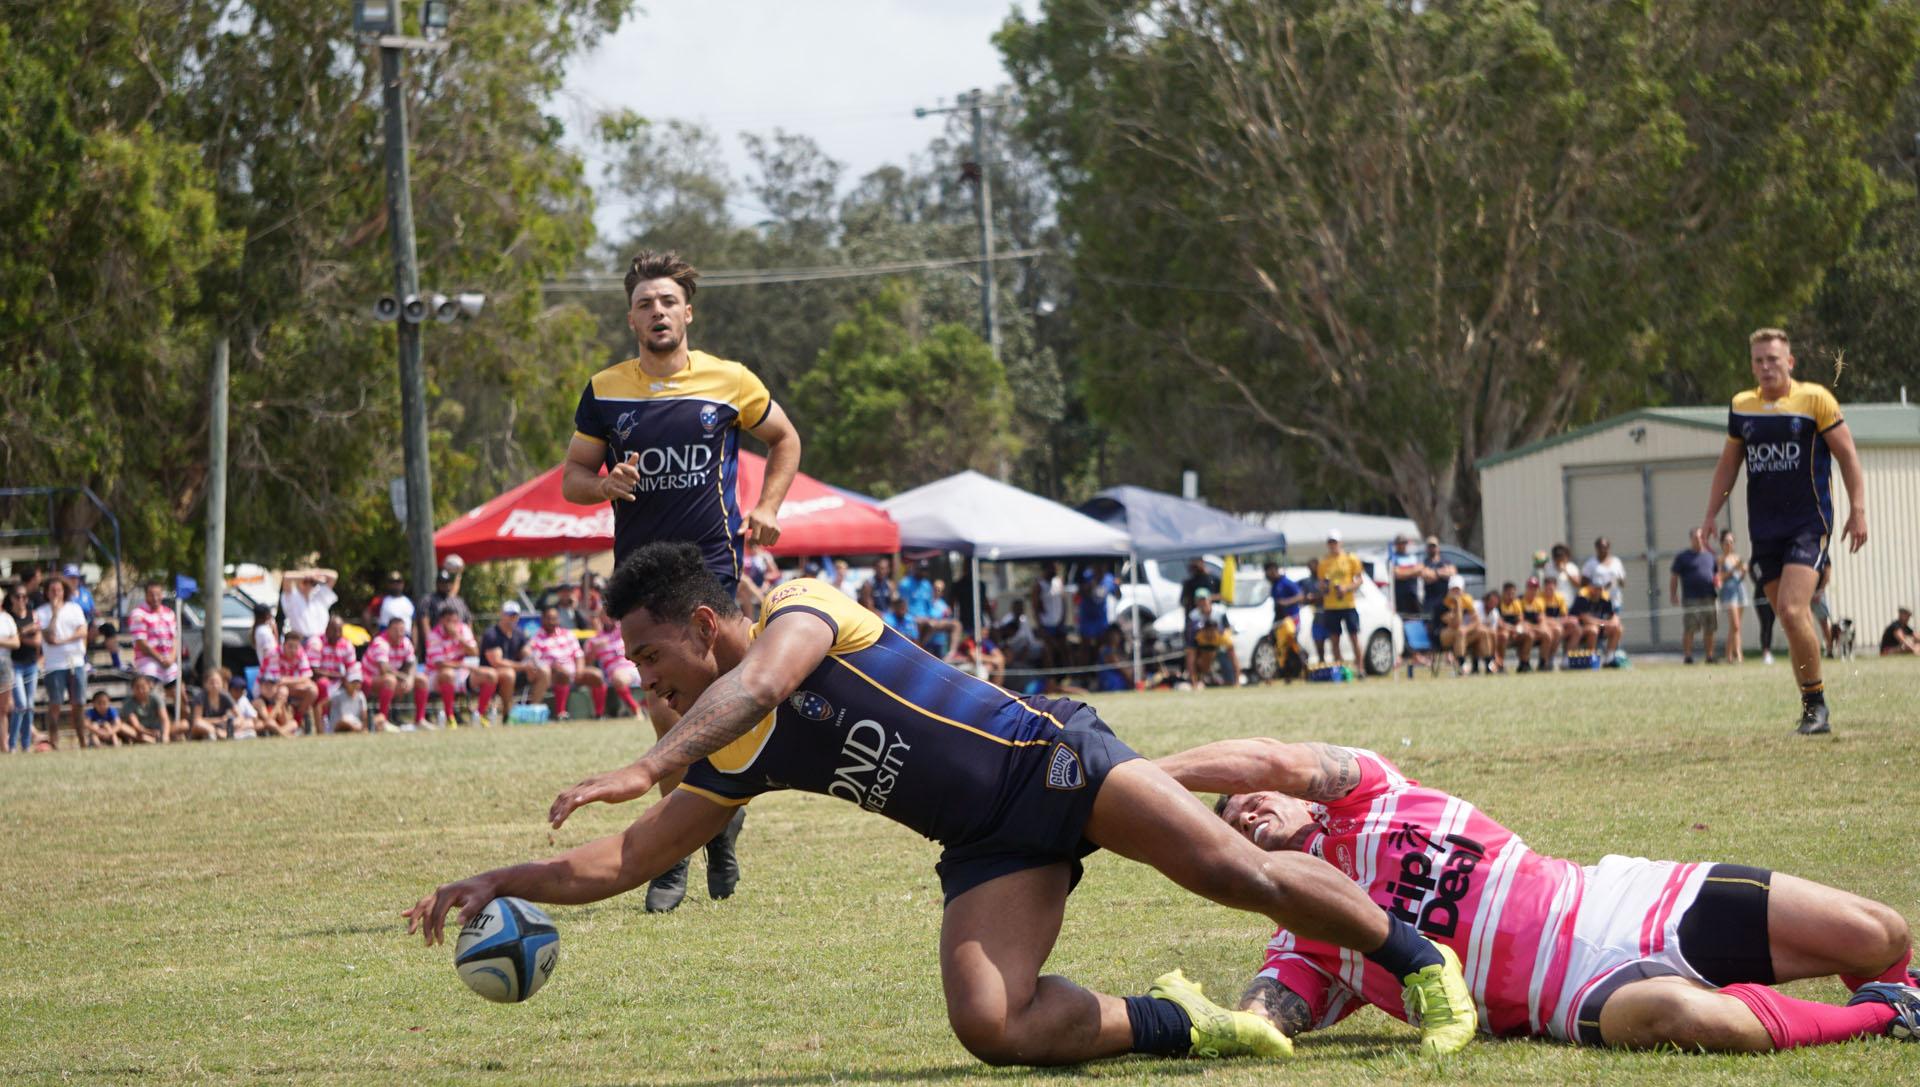 191019-20_Byron Bay Rugby 7s 2019_134